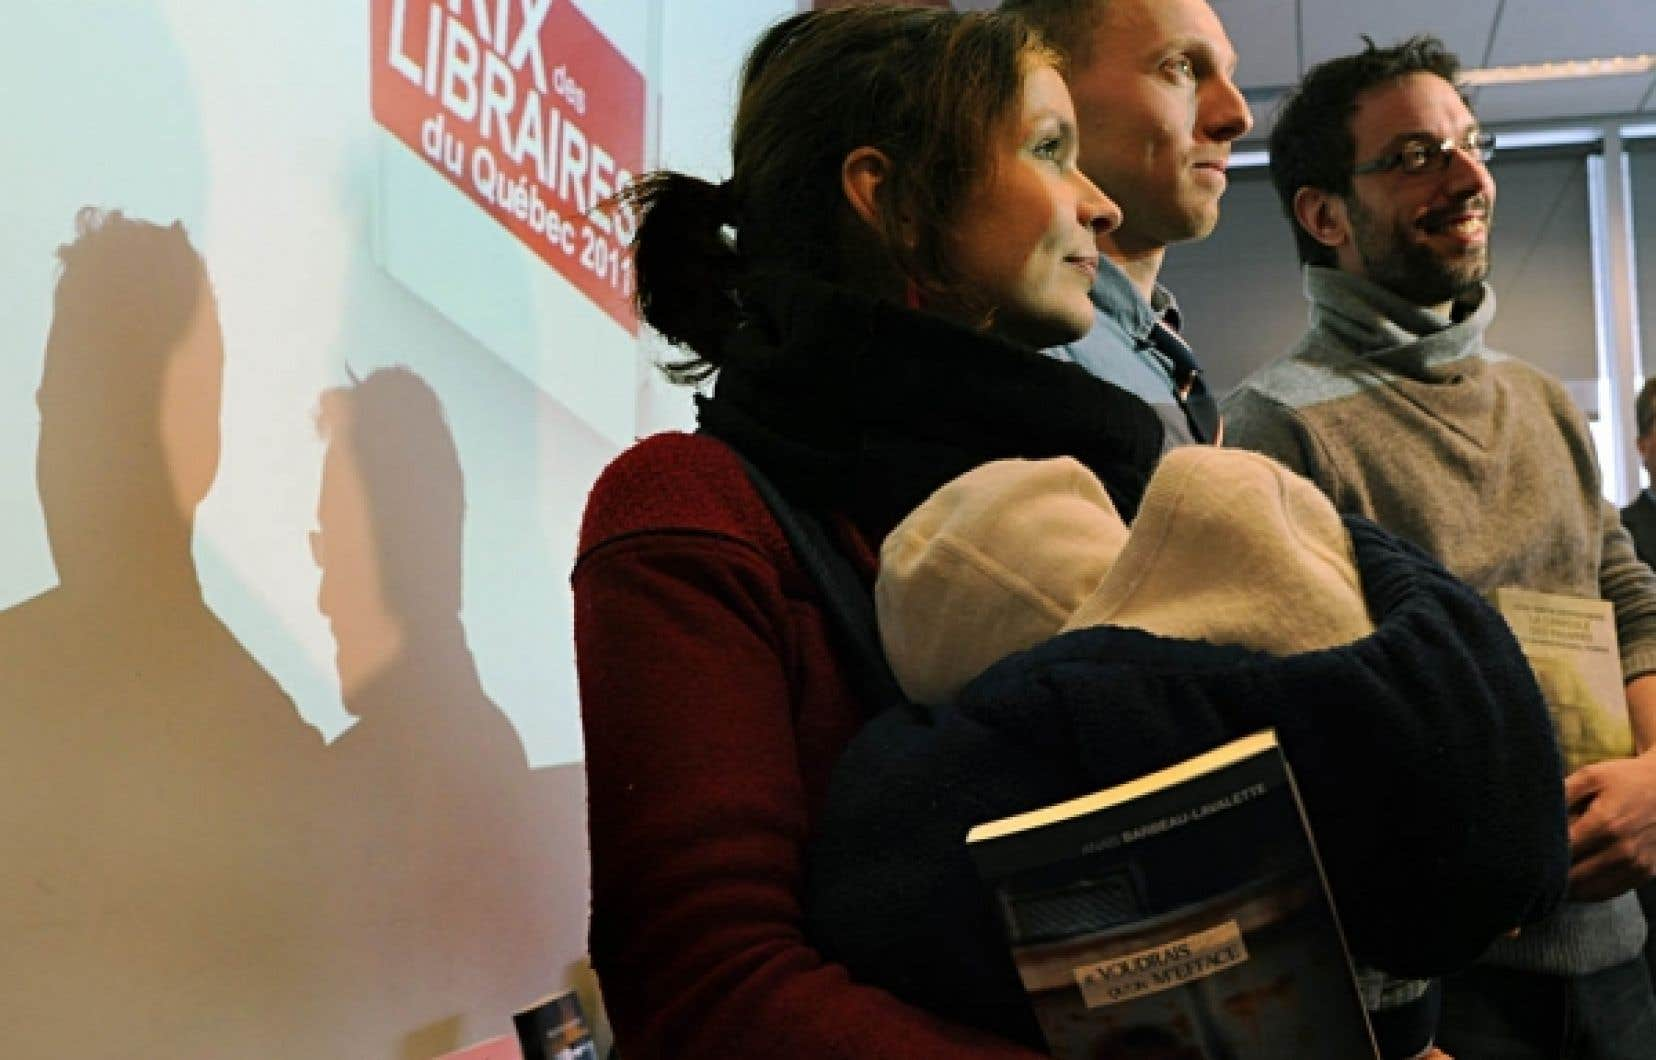 Les finalistes des 18es Prix des libraires du Québec ont été dévoilés hier à la Grande Bibliothèque. Ci-dessus, trois des auteurs toujours en lice: la réalisatrice Anaïs Barbeau-Lavalette (ici avec son petit Manoé dans les bras), Nicolas Langelier et Jean-Simon DesRochers. Le gagnant sera dévoilé le 9 mai.<br />